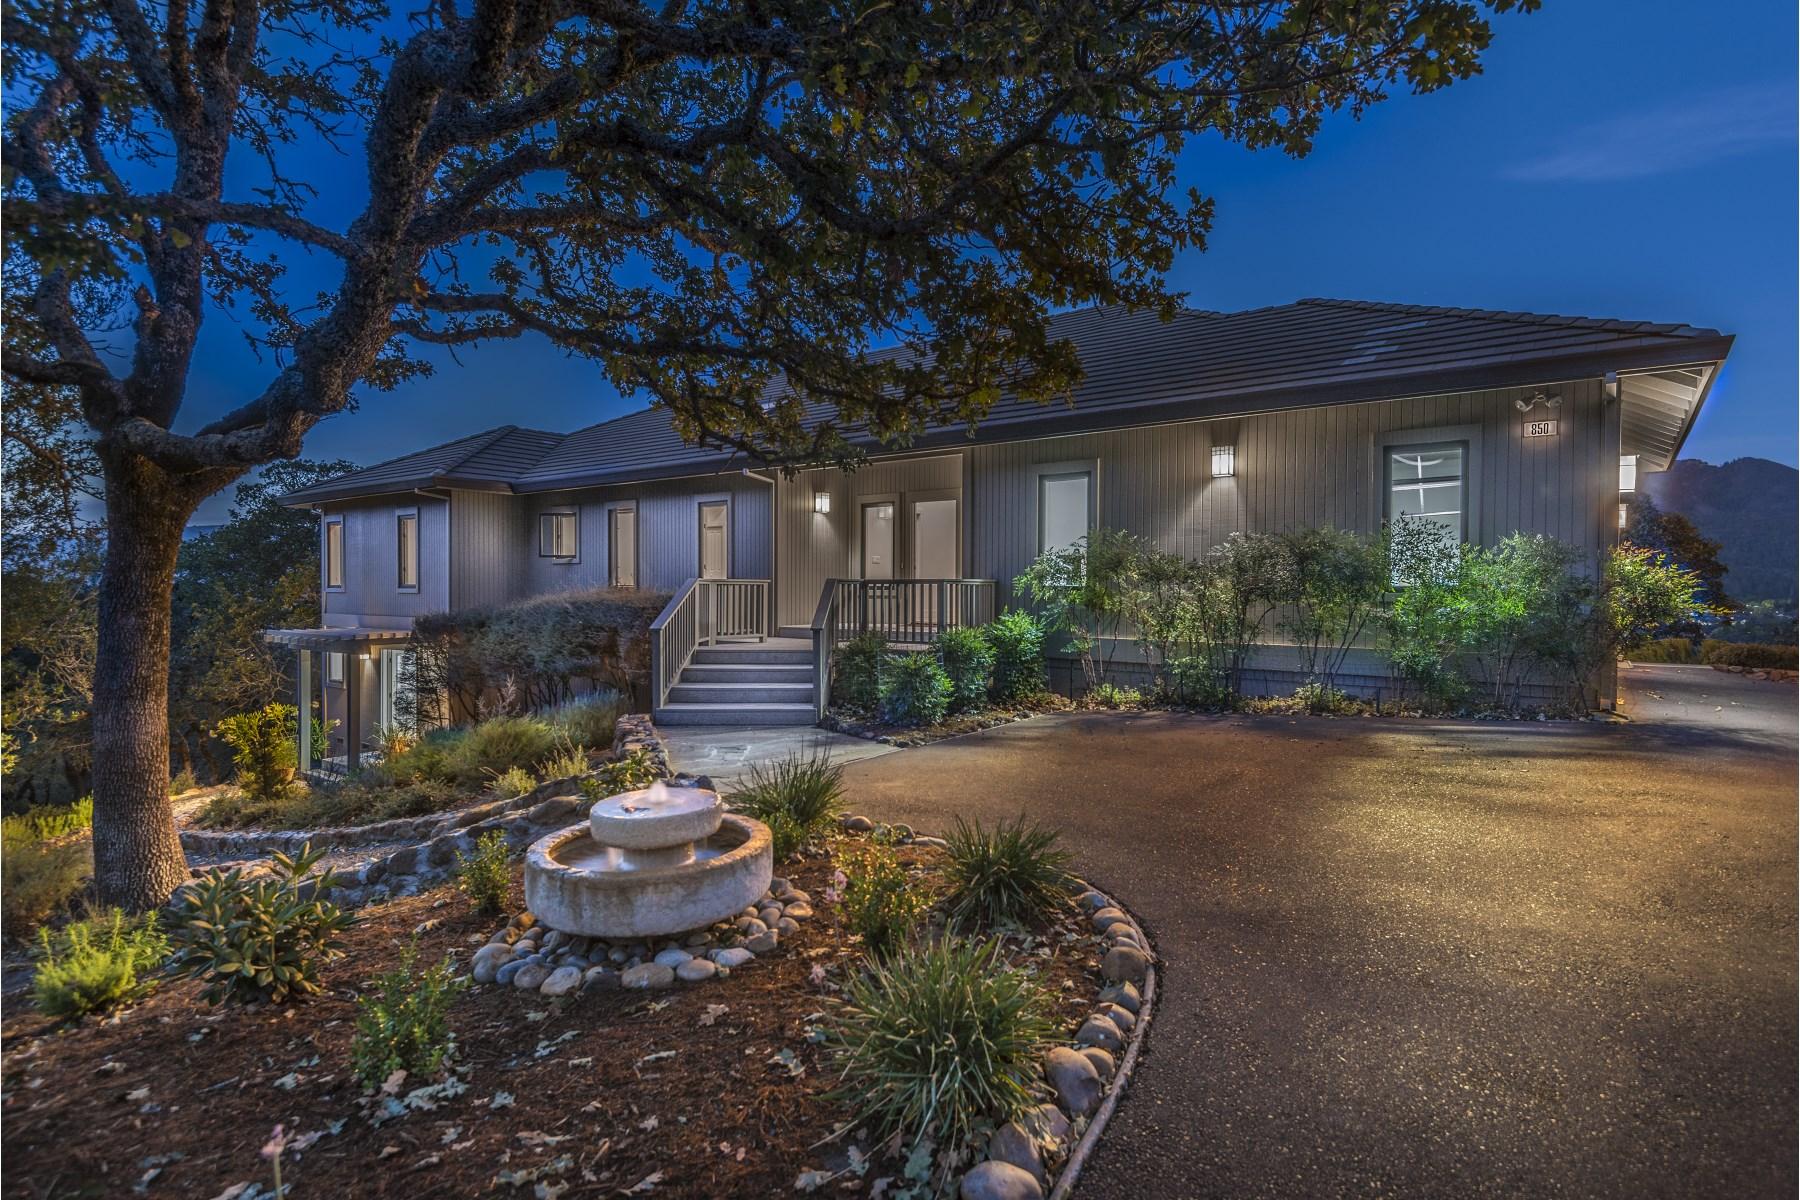 단독 가정 주택 용 매매 에 Knoll-Top Custom Home with Views 850 Wild Oak Dr Santa Rosa, 캘리포니아, 95409 미국